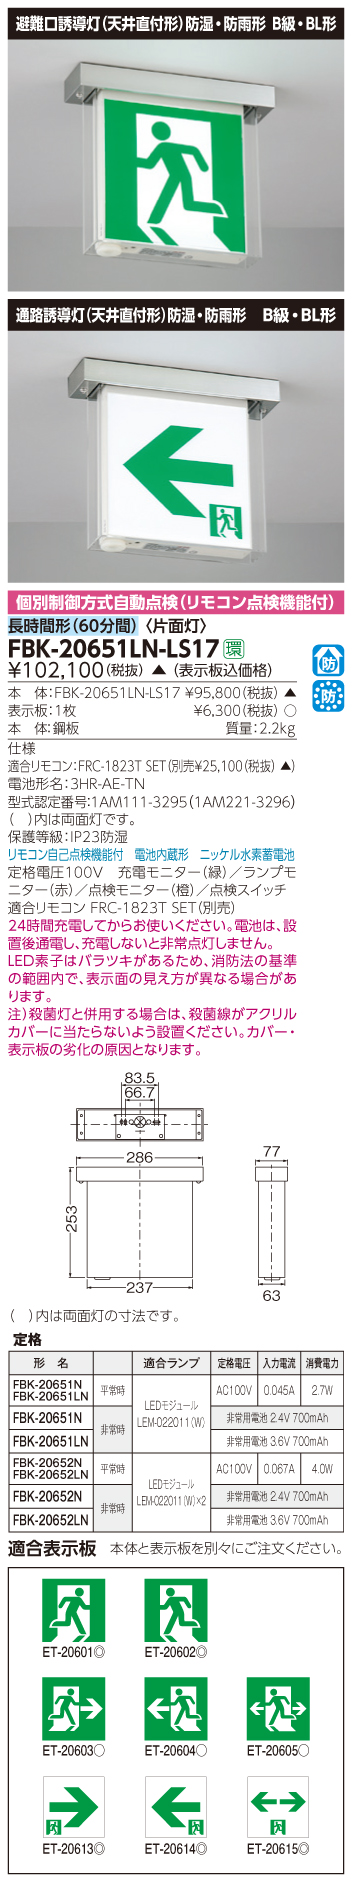 【法人様限定】東芝 FBK-20651LN-LS17 LED誘導灯 天井直付形 防湿・防雨形 電池内蔵 片面 B級BL形 長時間(60分) 【表示板別売】